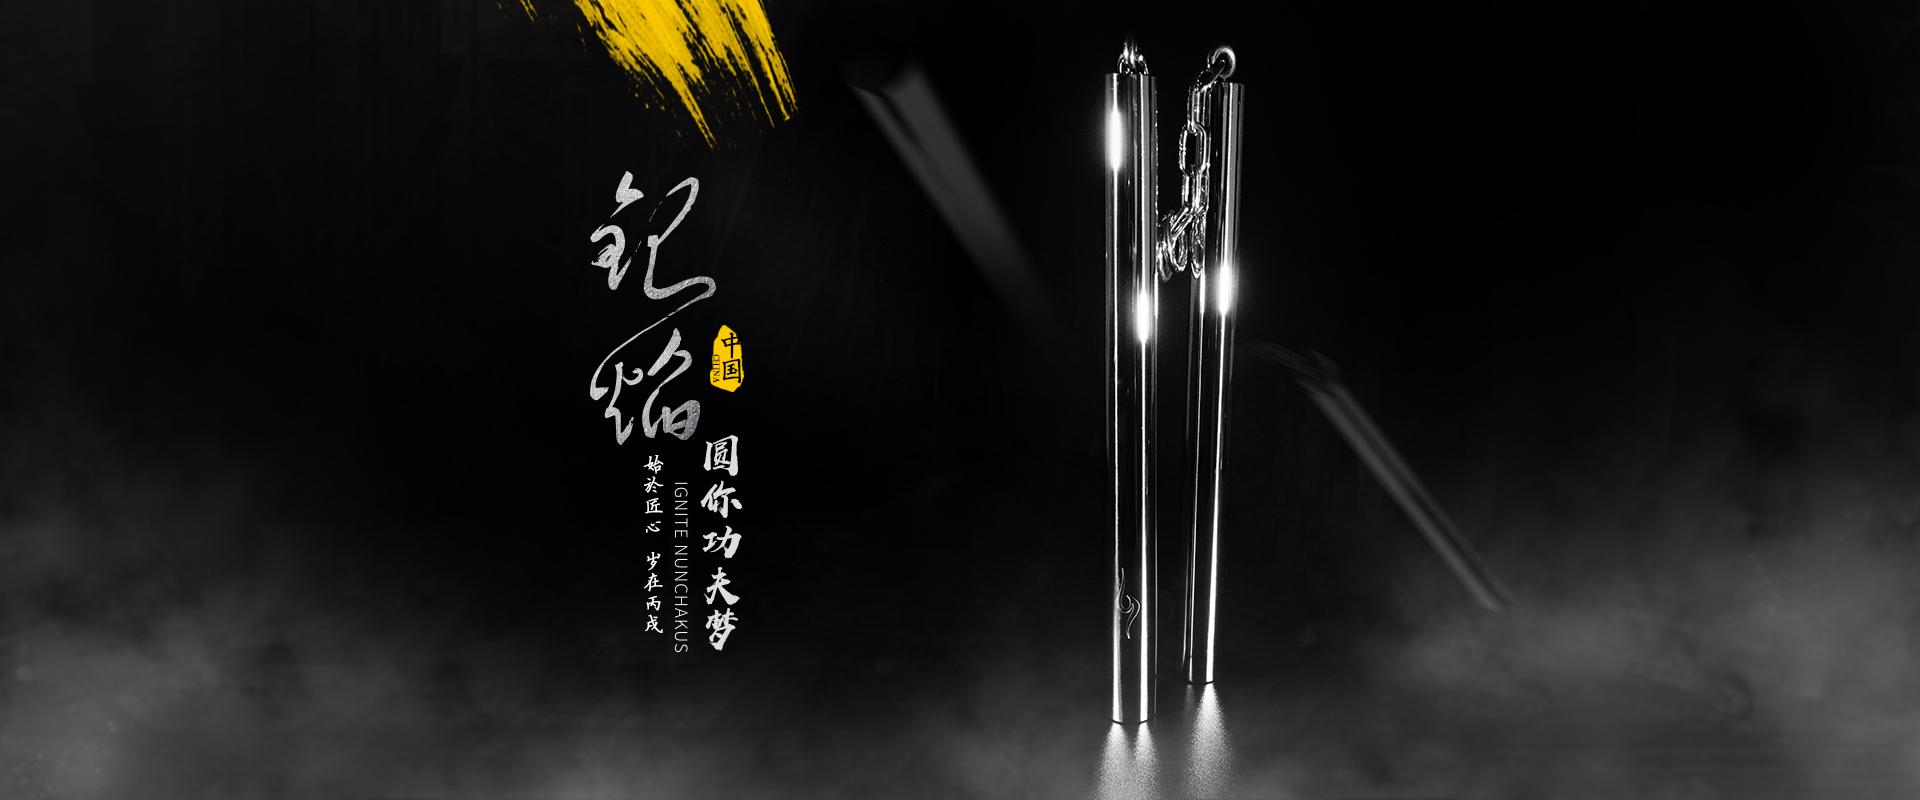 银焰·IGNITE 不锈钢双节棍 藏龙二代系列